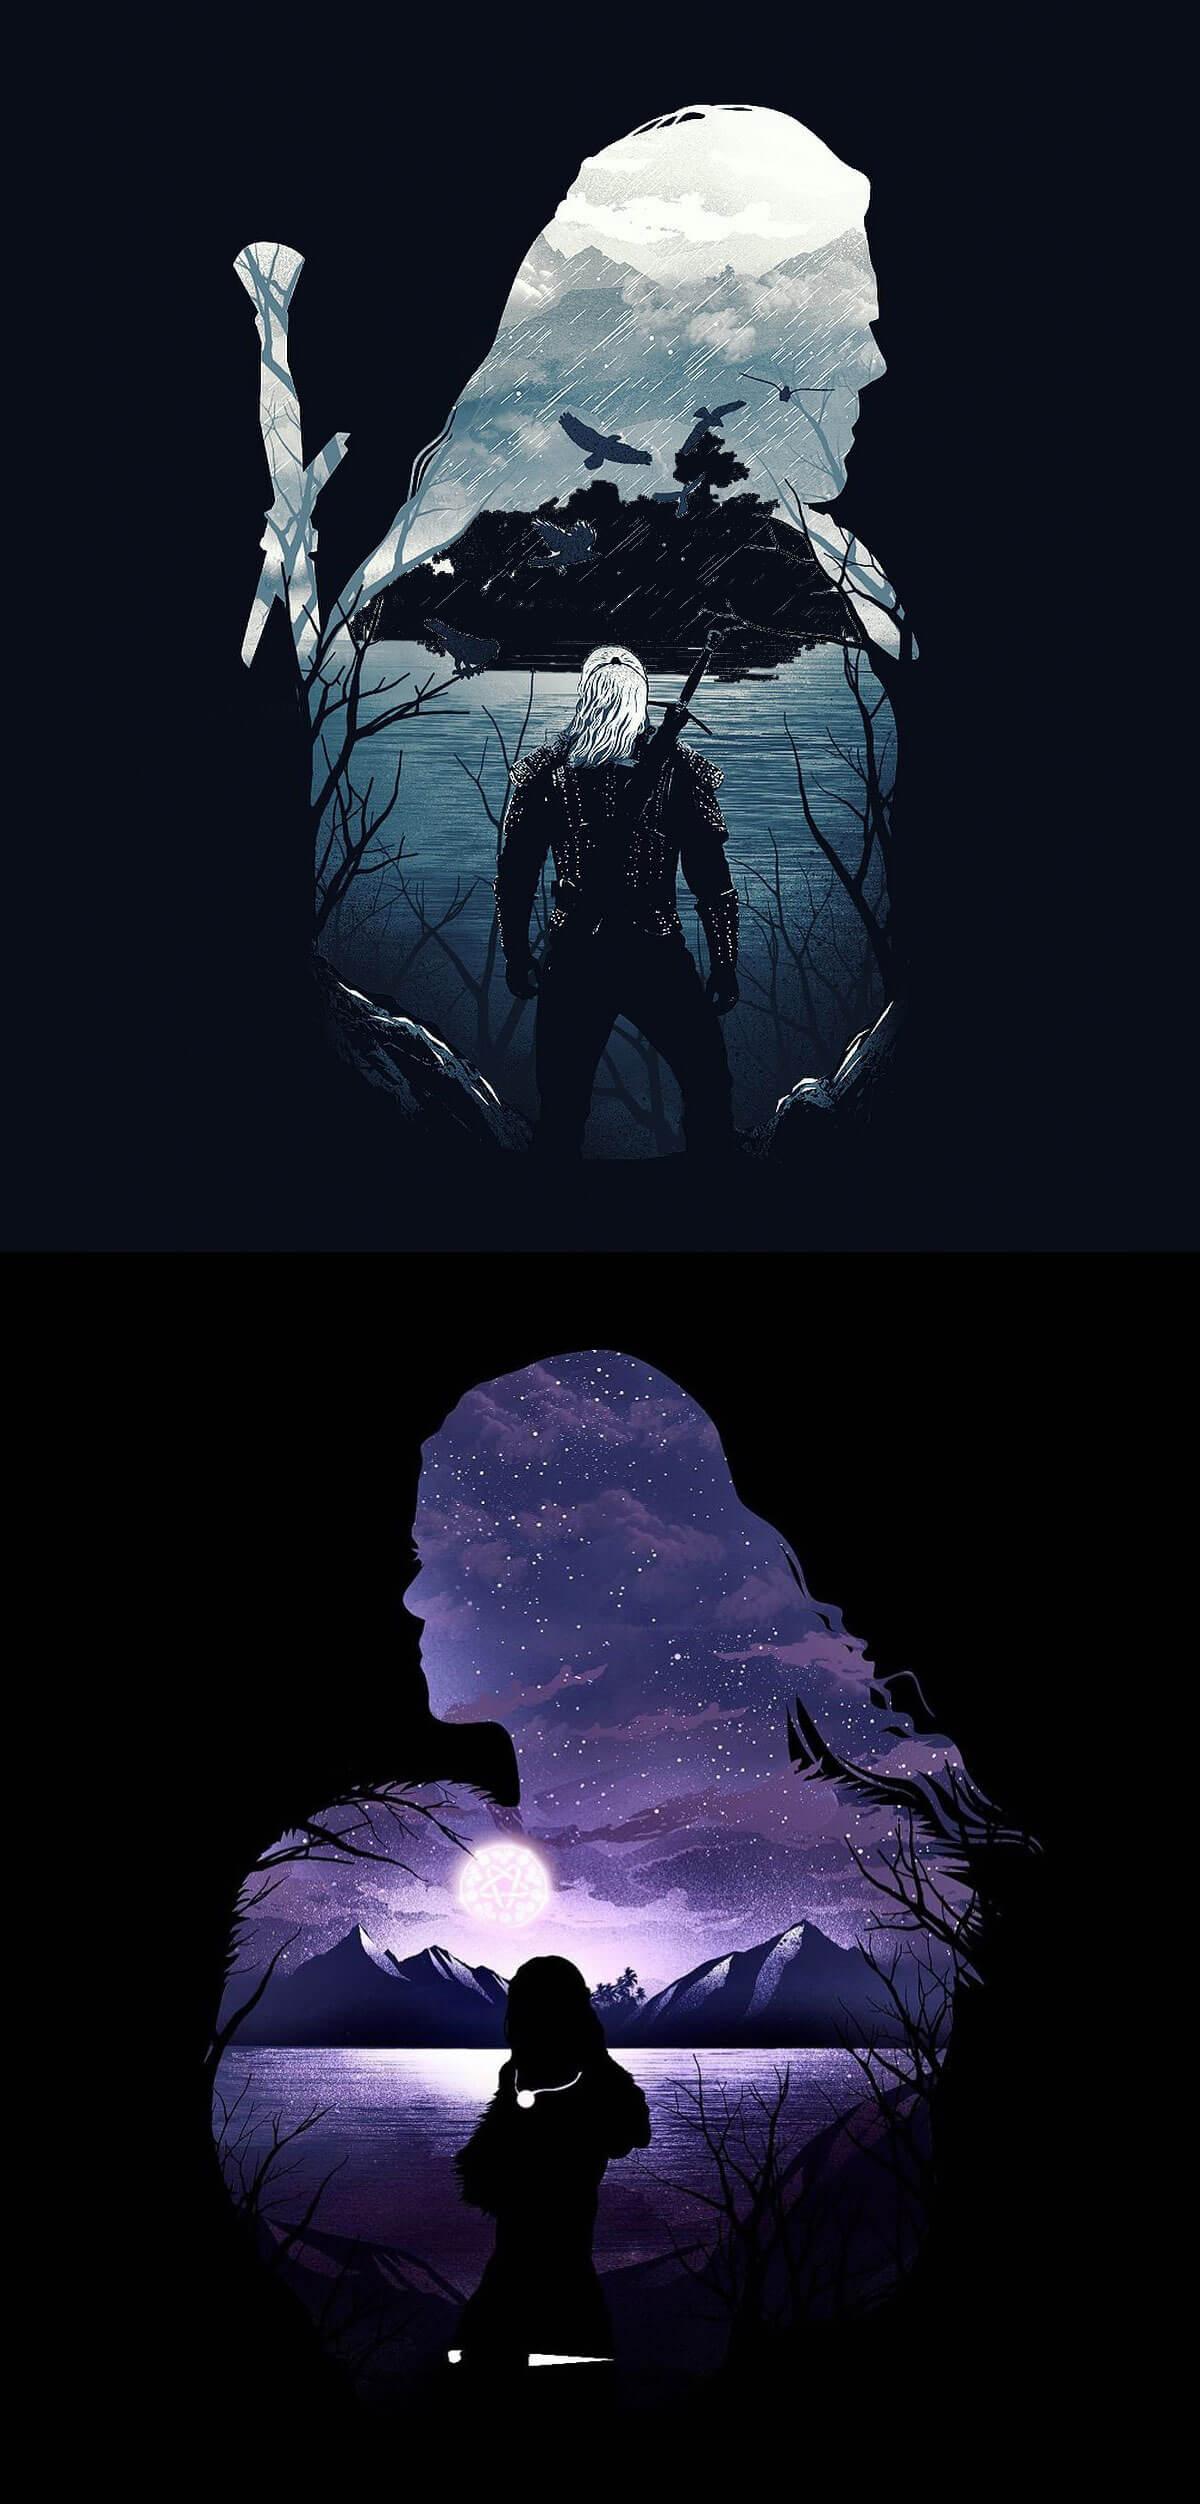 Geralt the witcher by Dan Elijah Fajardo